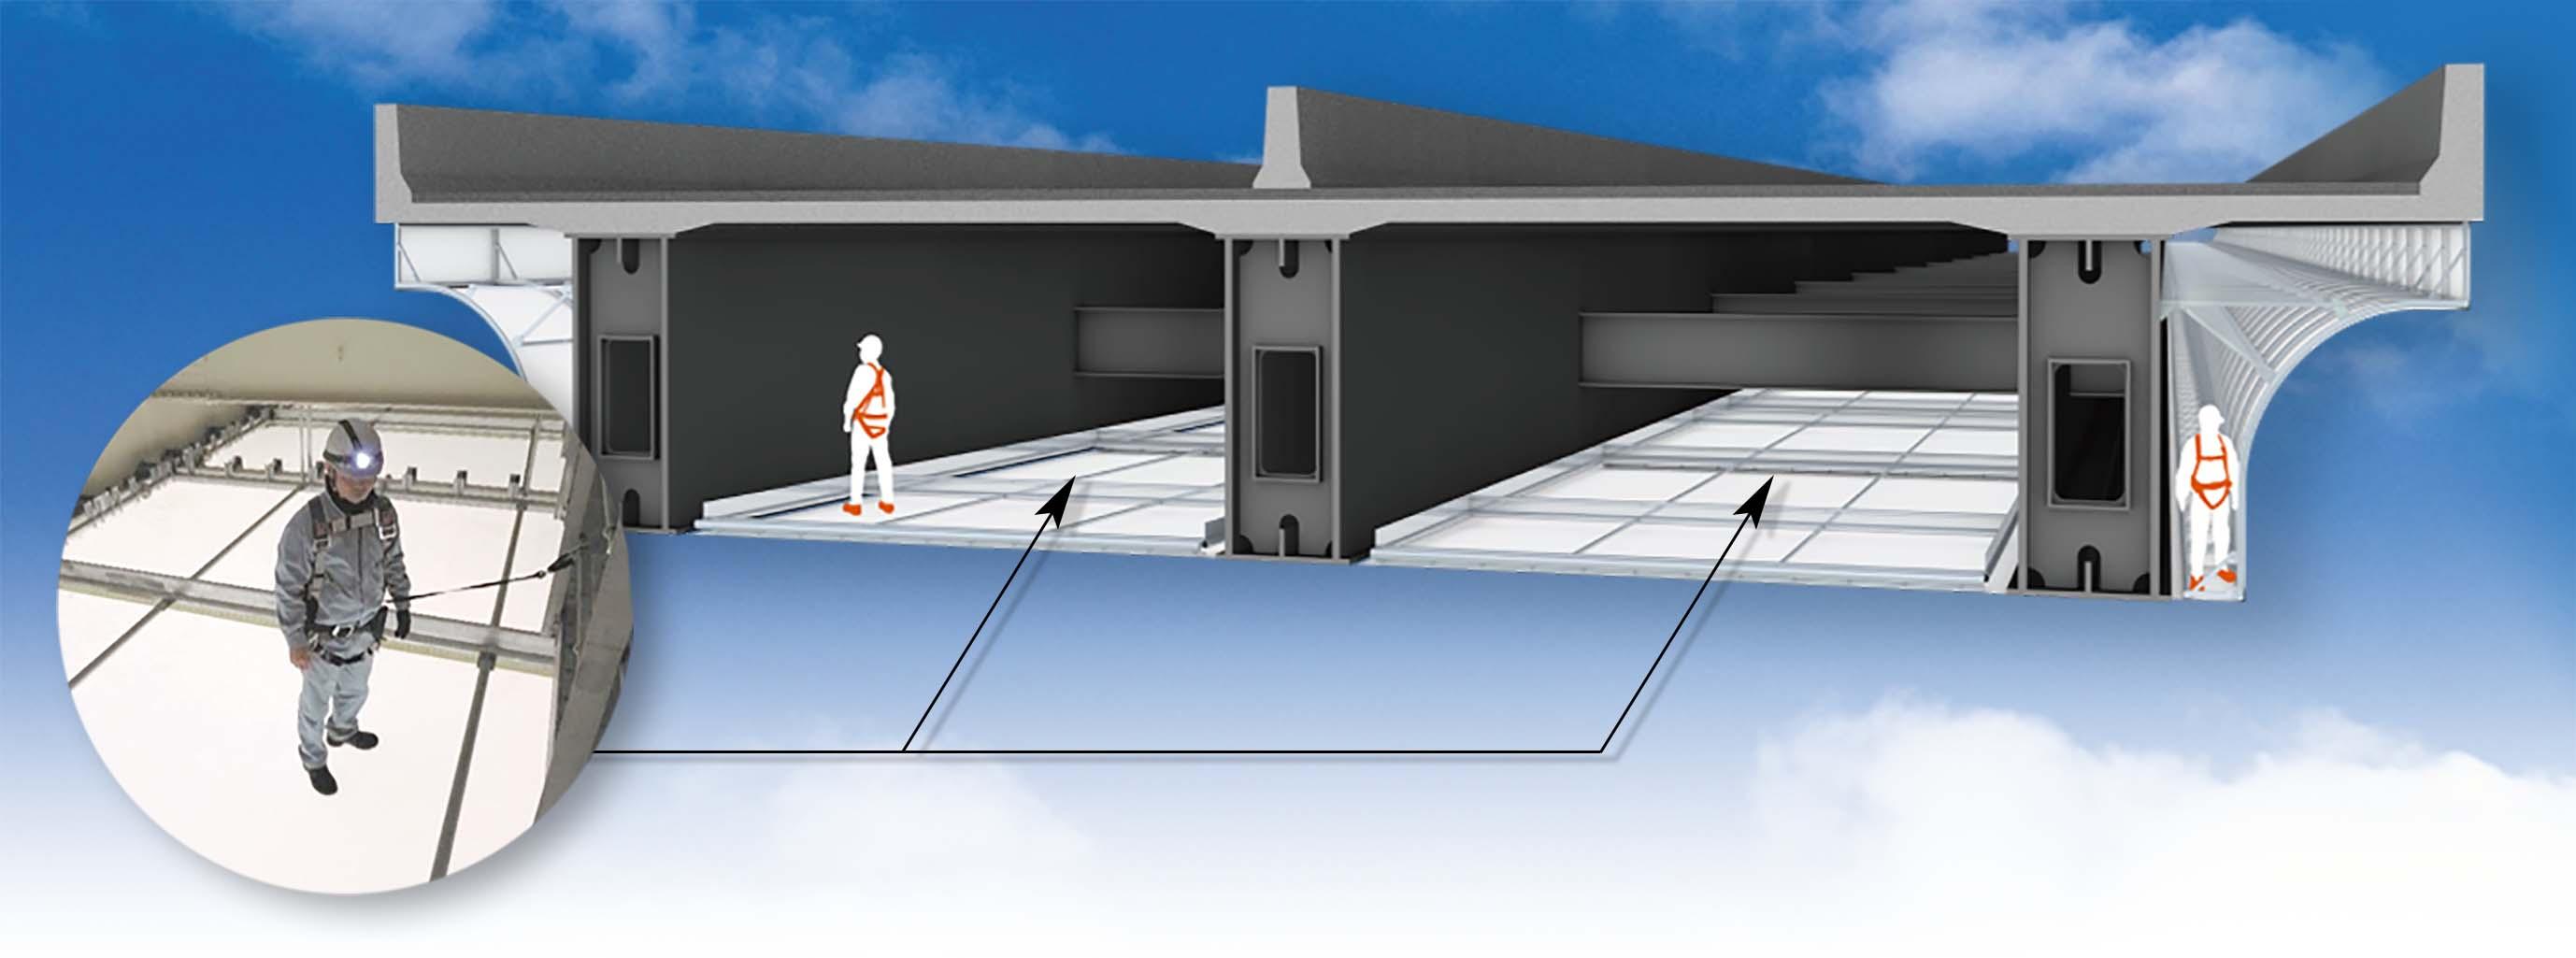 道路の保守点検に膜というイノベーション